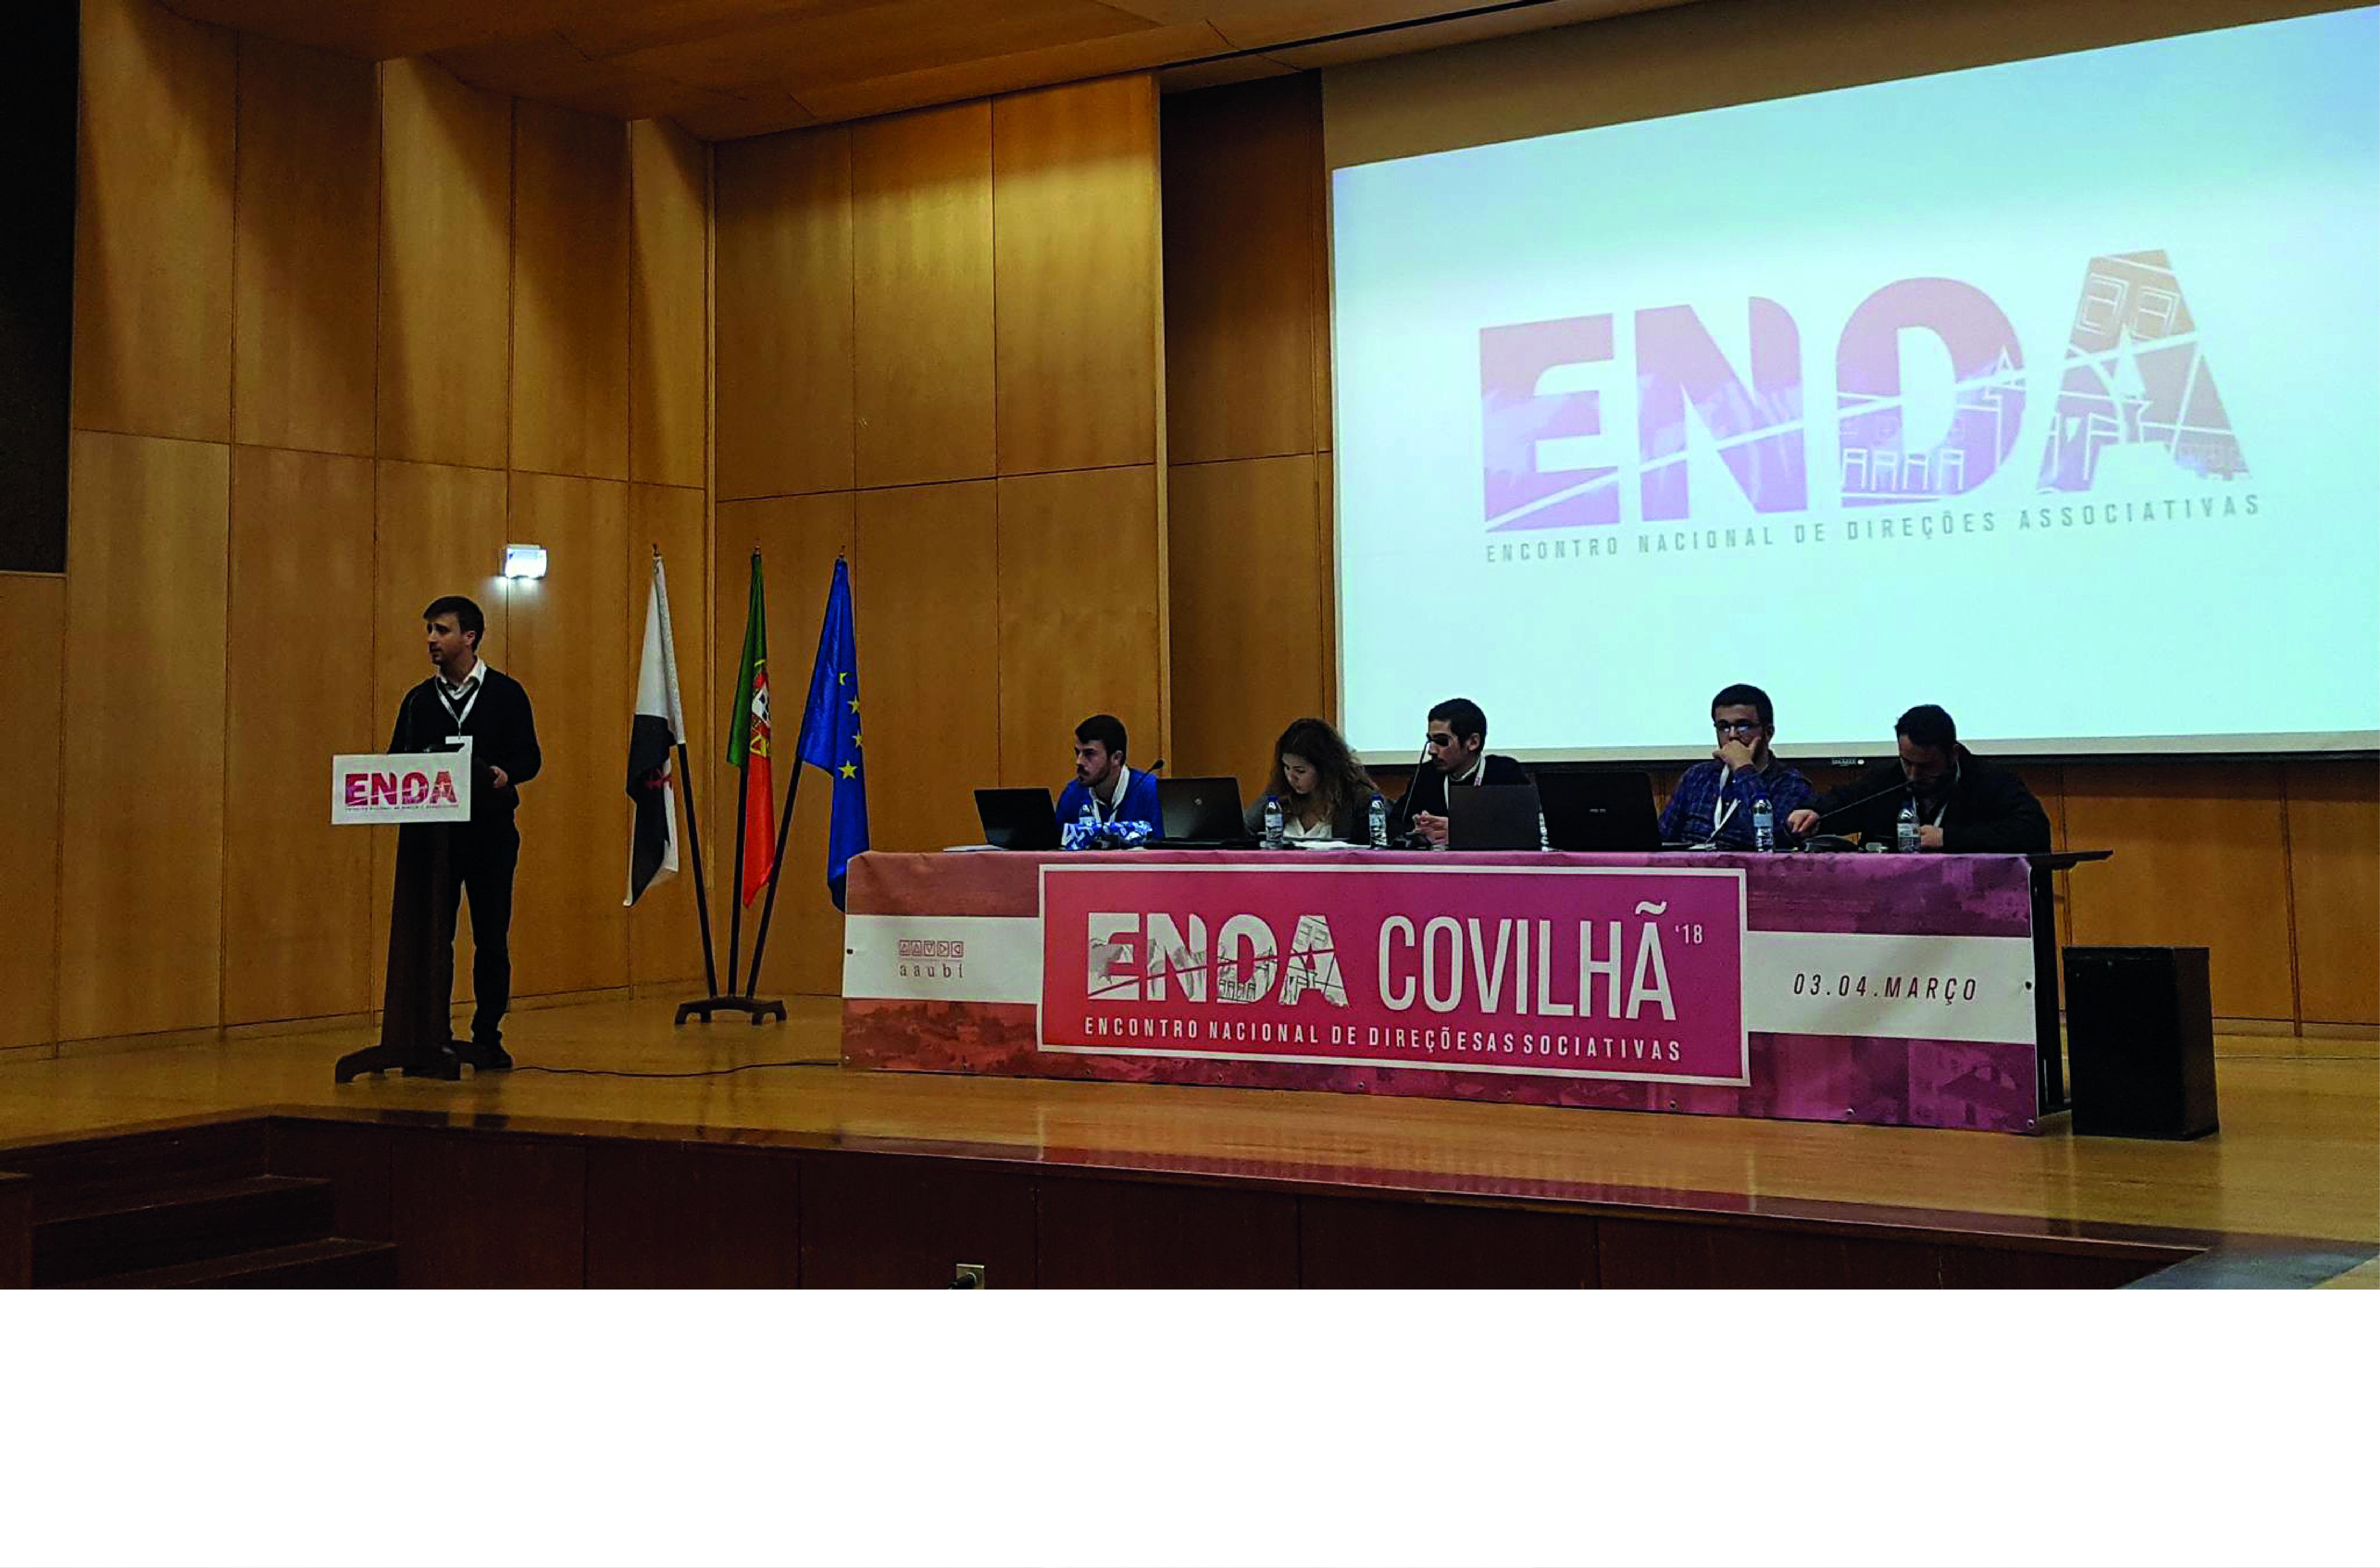 ENDA COVILHÃ-01-02-iloveimg-compressed (1)